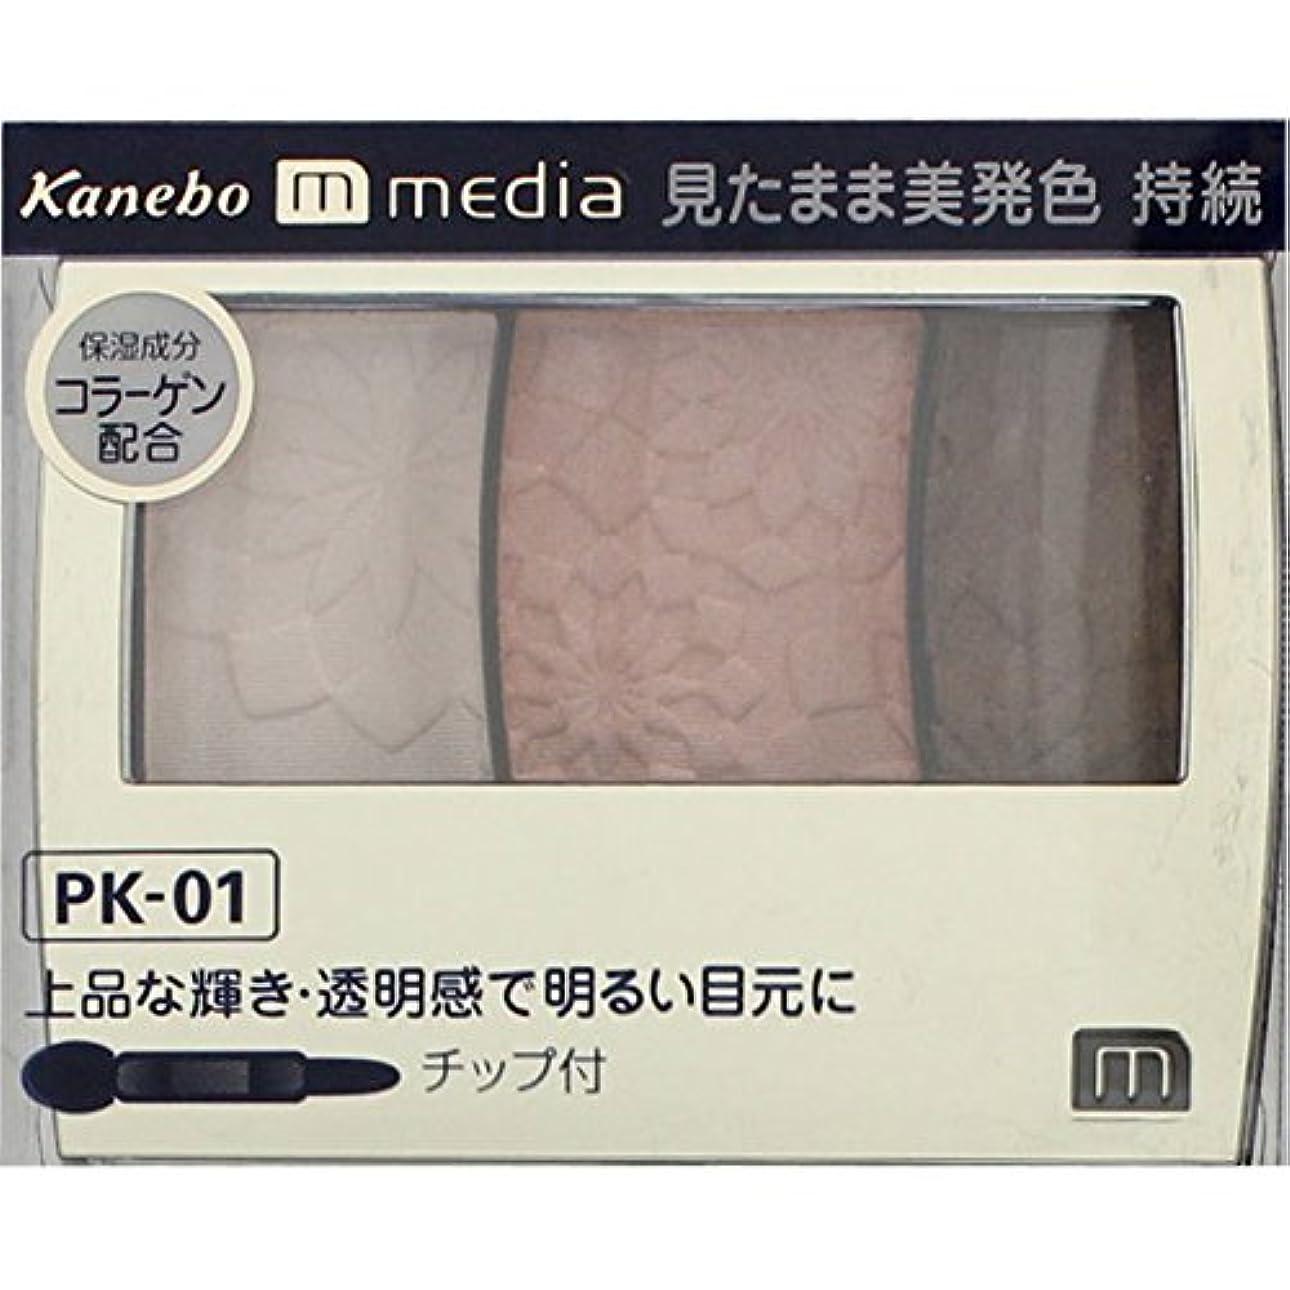 適格姓興奮する【カネボウ】 メディア グラデカラーアイシャドウ PK-01